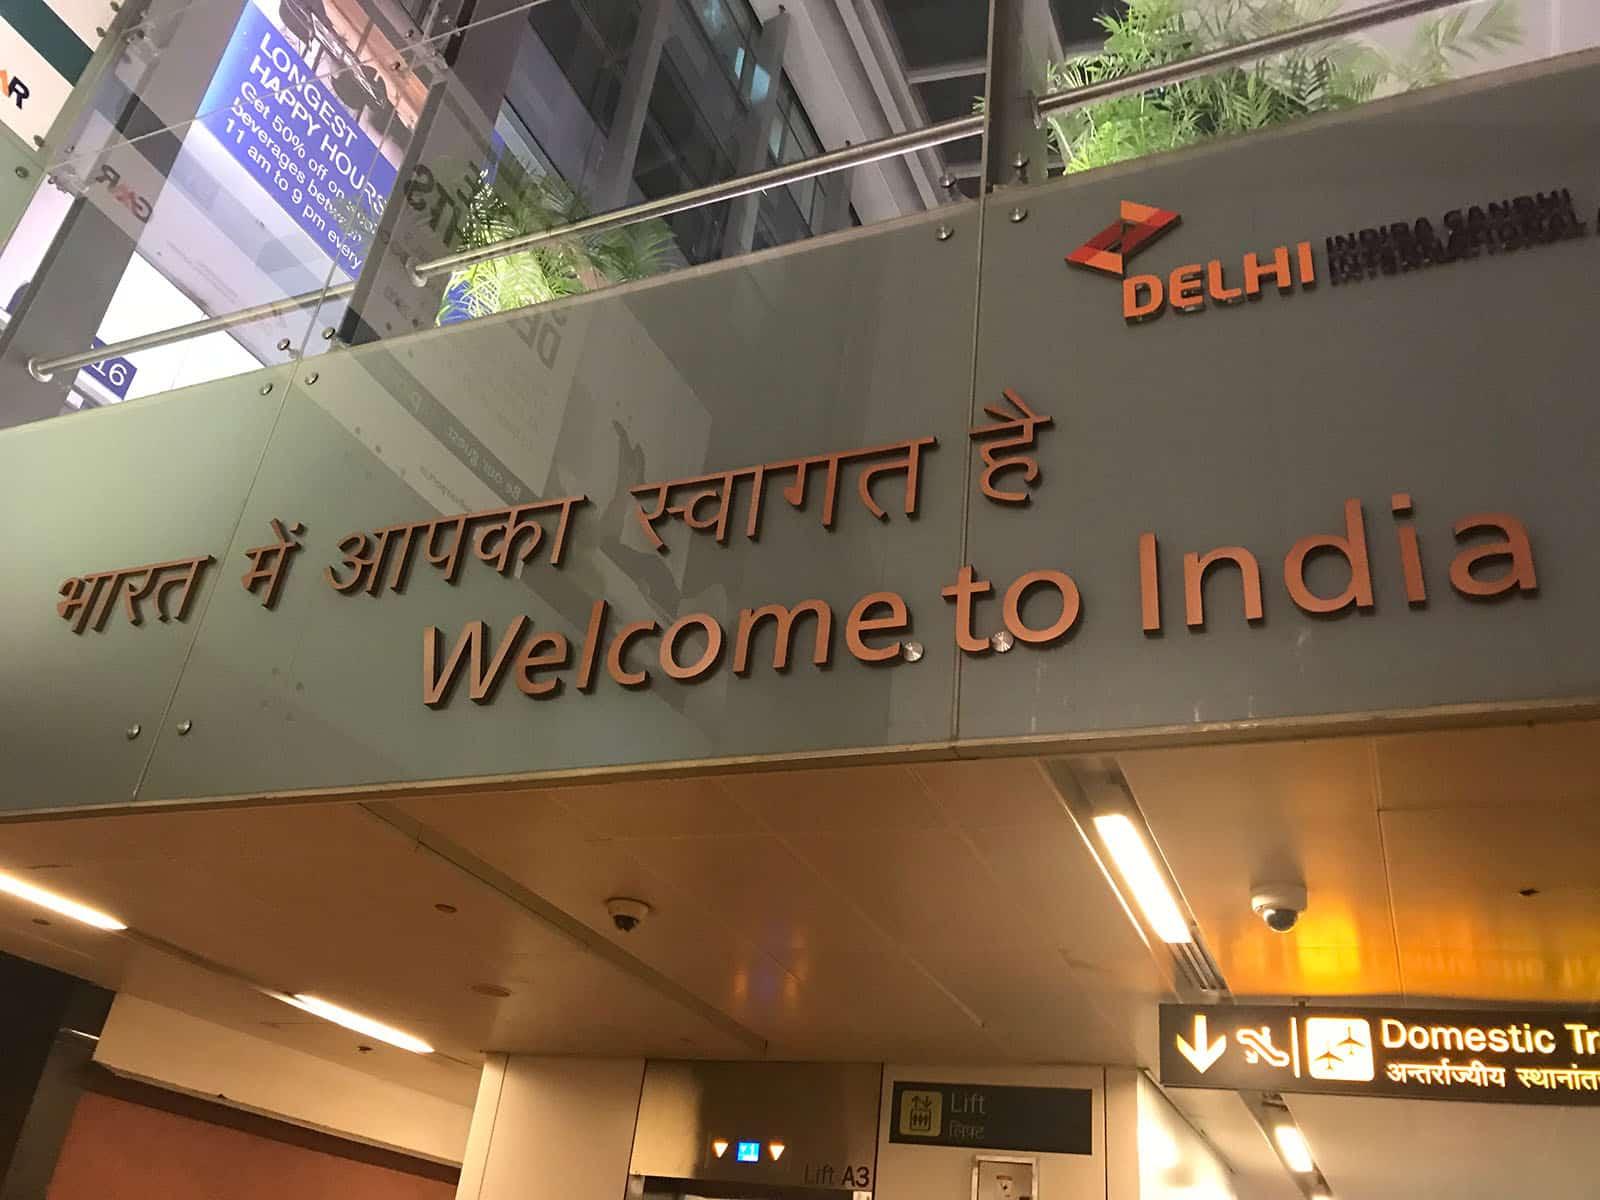 Conseils pour visiter New Delhi en 3 ou 4 jours - Aéroport Delhi